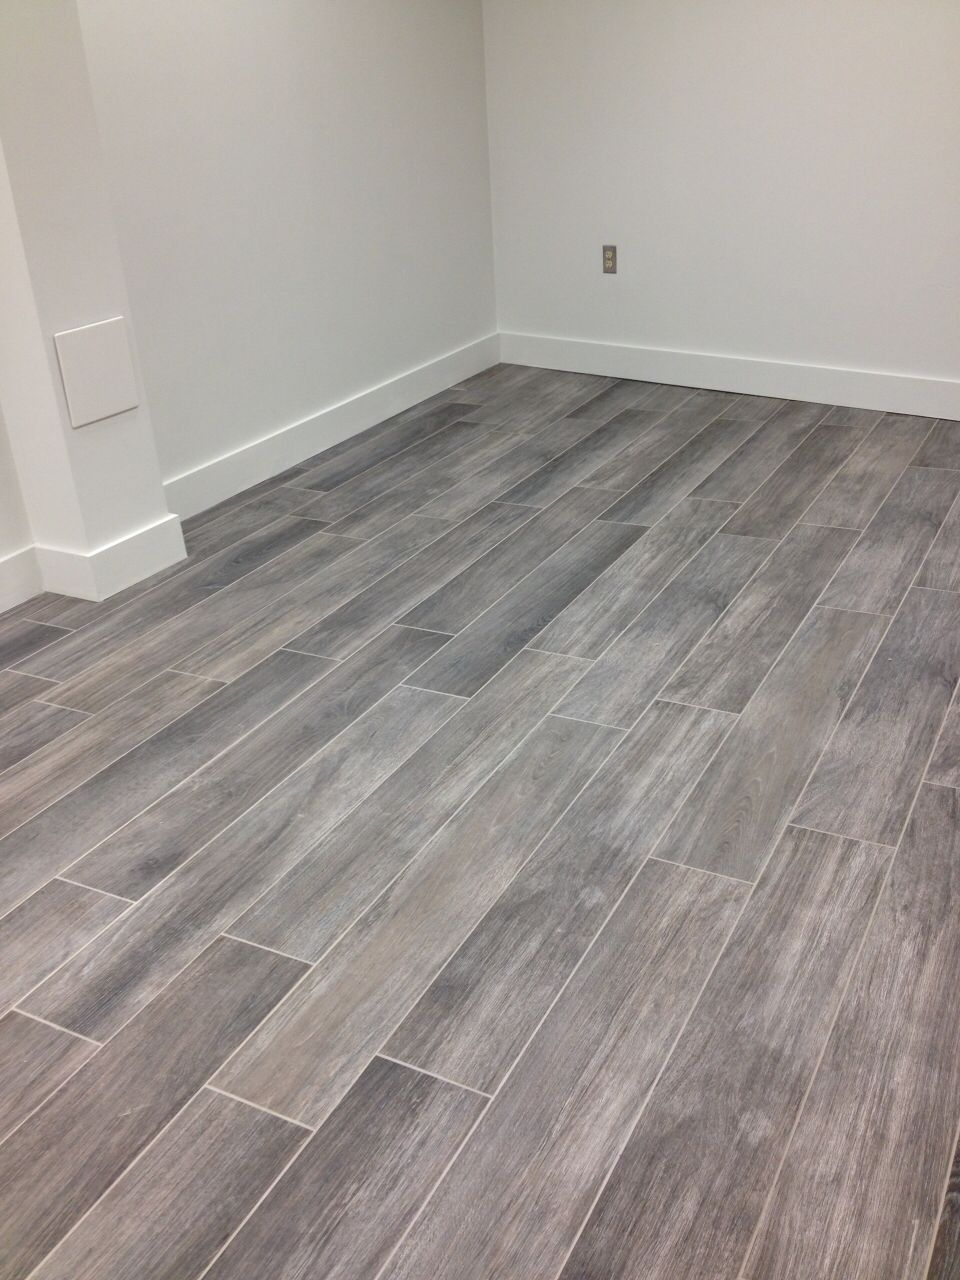 Porcelain grey wood tile  Mb  Grey wood tile Wood tile